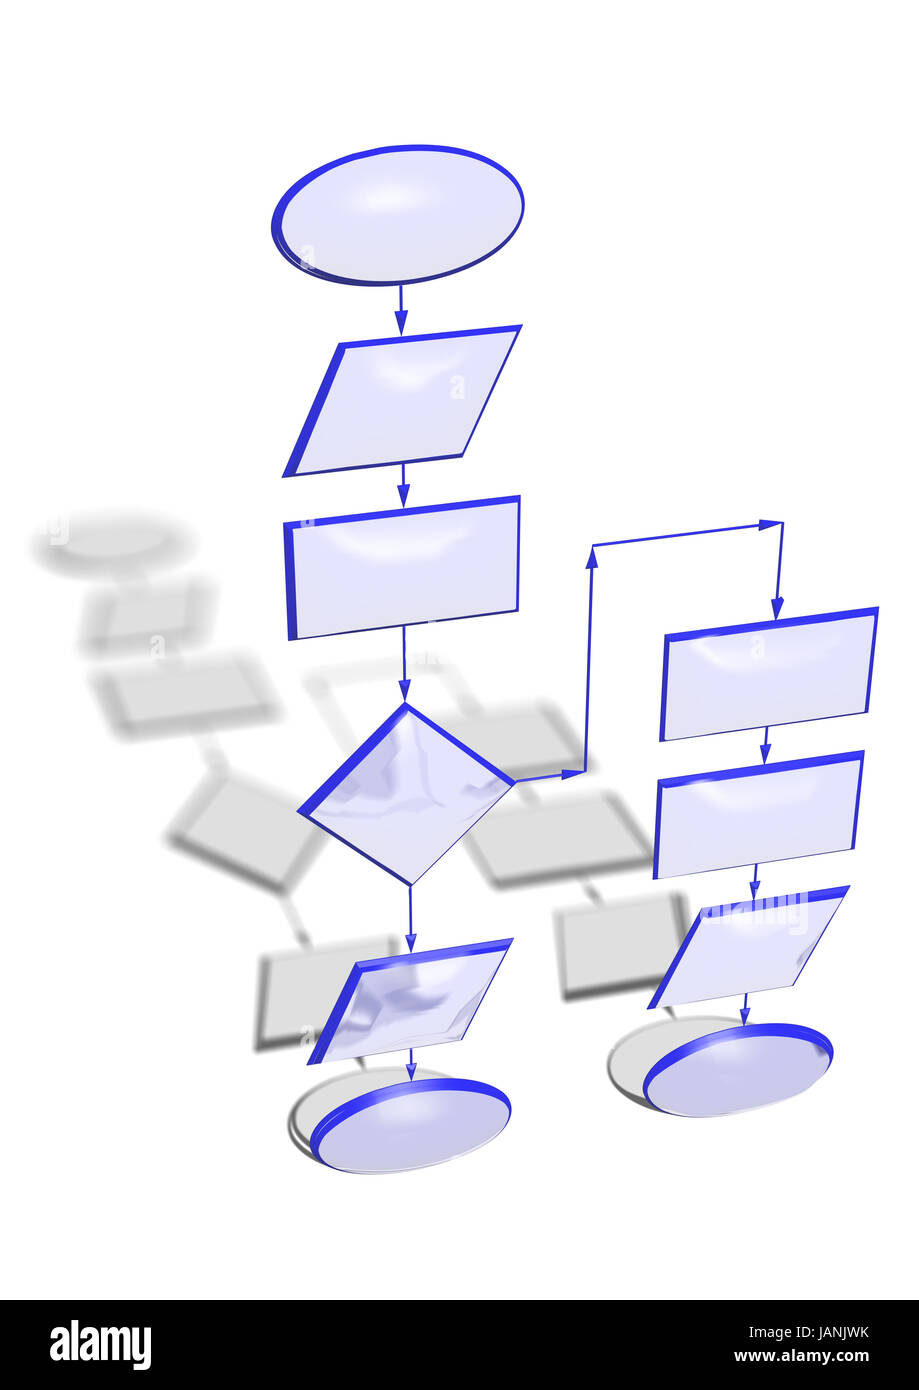 Abstract Flowchart Diagram Computer Program Stockfotos Leere Flow Chart Diagramm Verwenden Fr Die Programmierung Stockbild